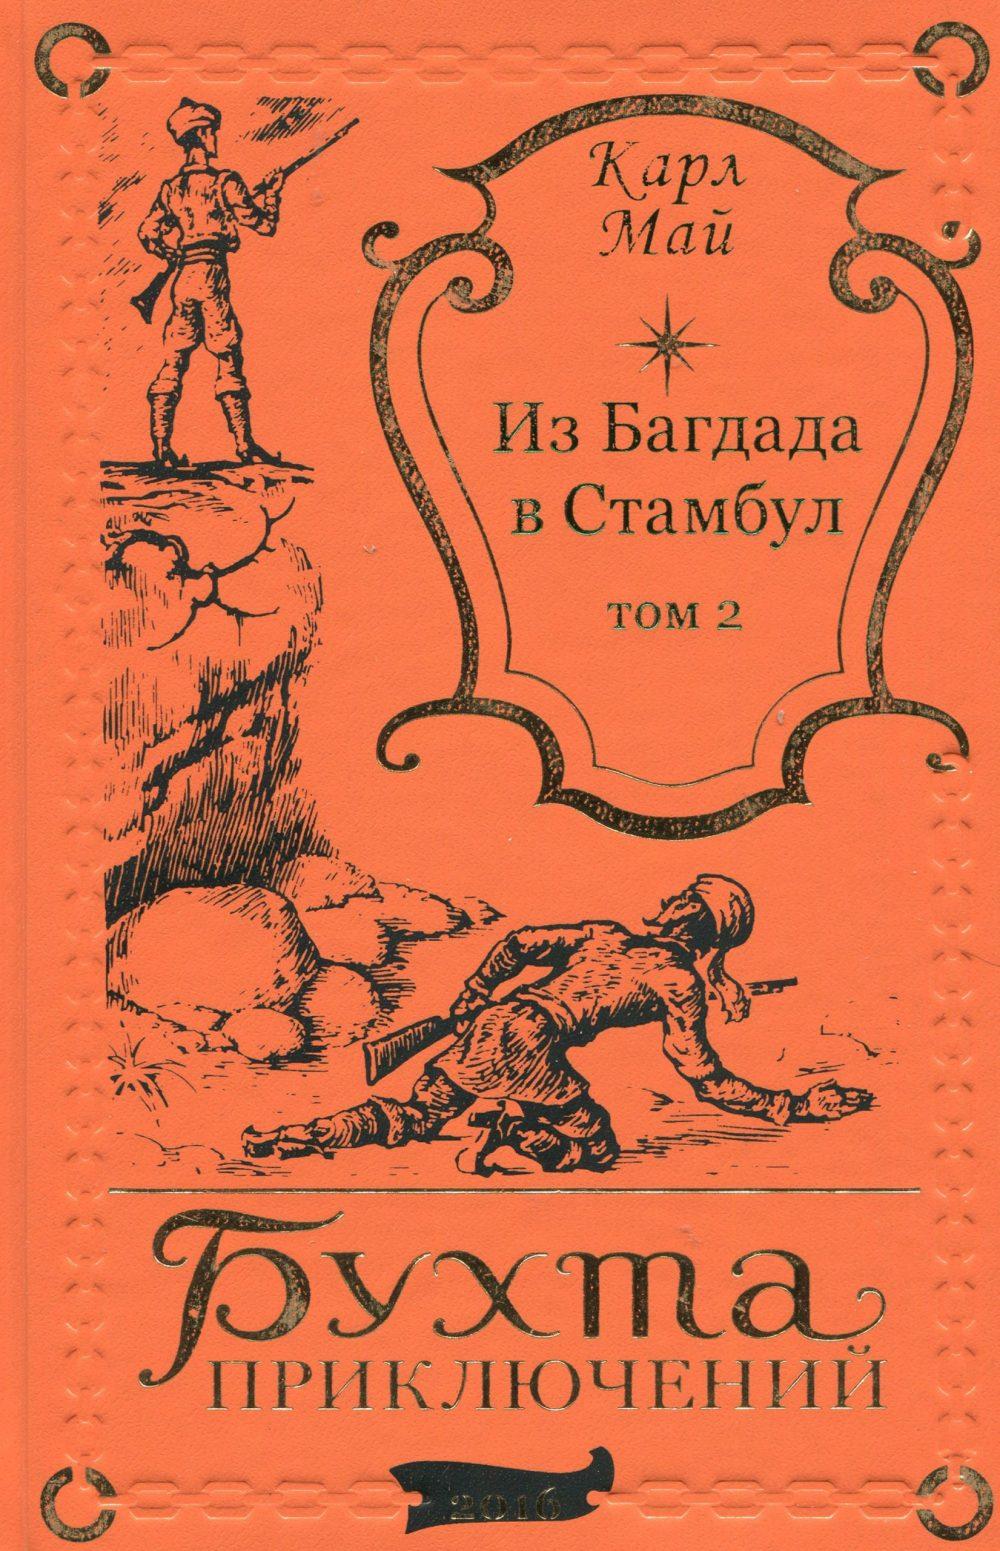 """Карл Май """"Из БАГДАДА В СТАМБУЛ"""" т.1 и т.2 (комплект)-0"""